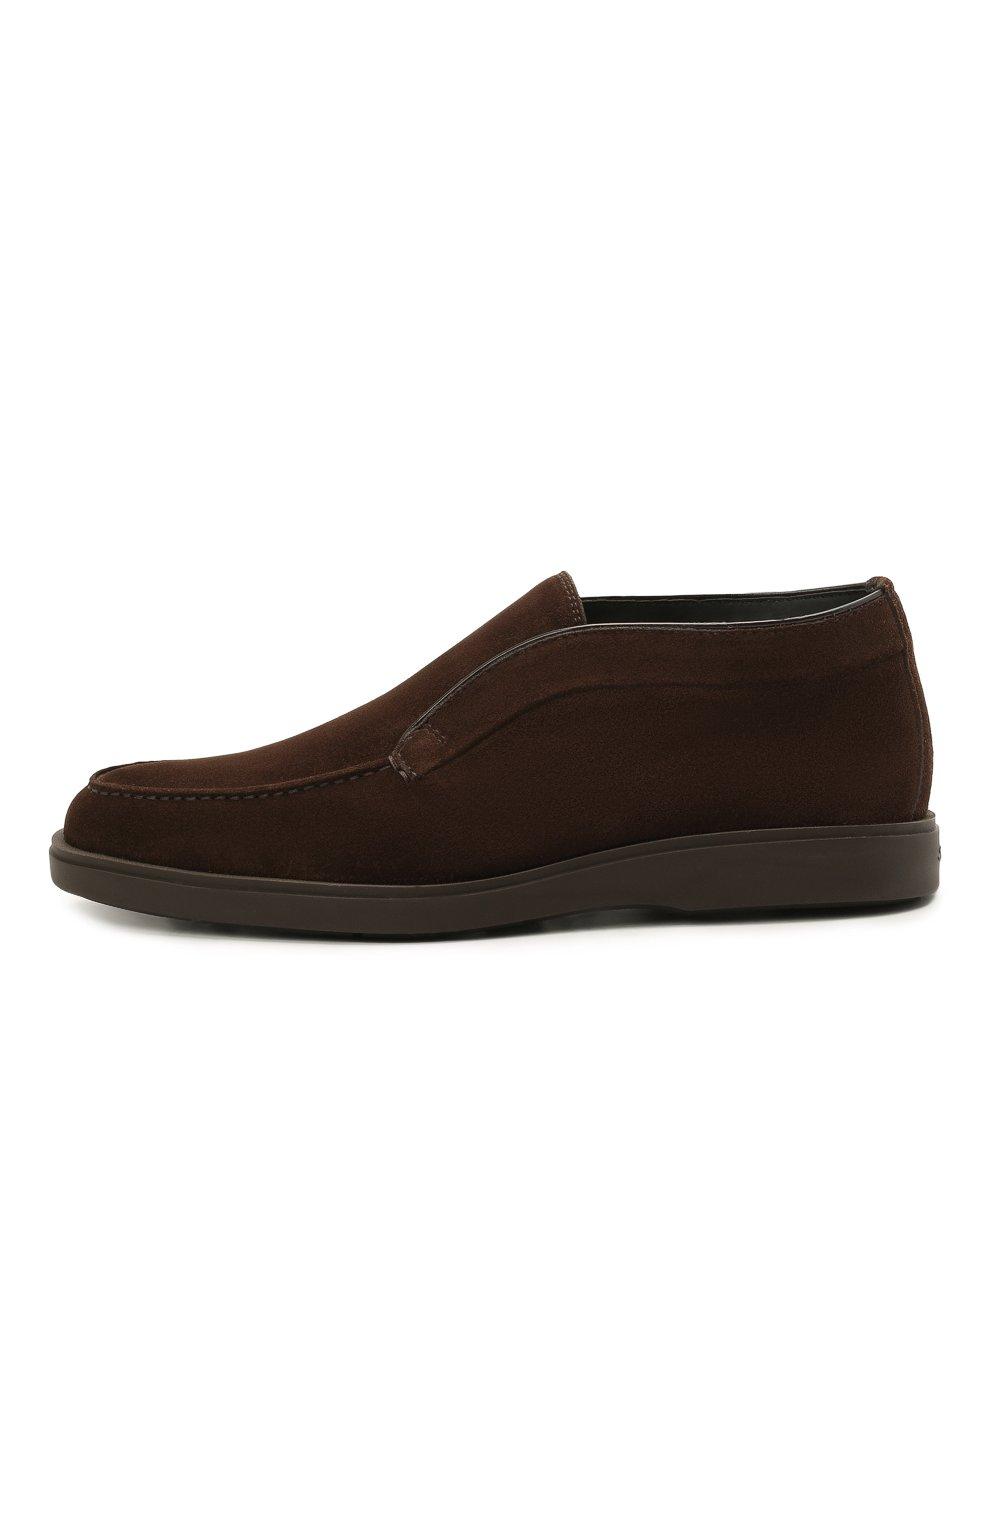 Мужские замшевые ботинки SANTONI темно-коричневого цвета, арт. MGDG17823DATASVUT50 | Фото 3 (Мужское Кросс-КТ: Ботинки-обувь; Подошва: Плоская)